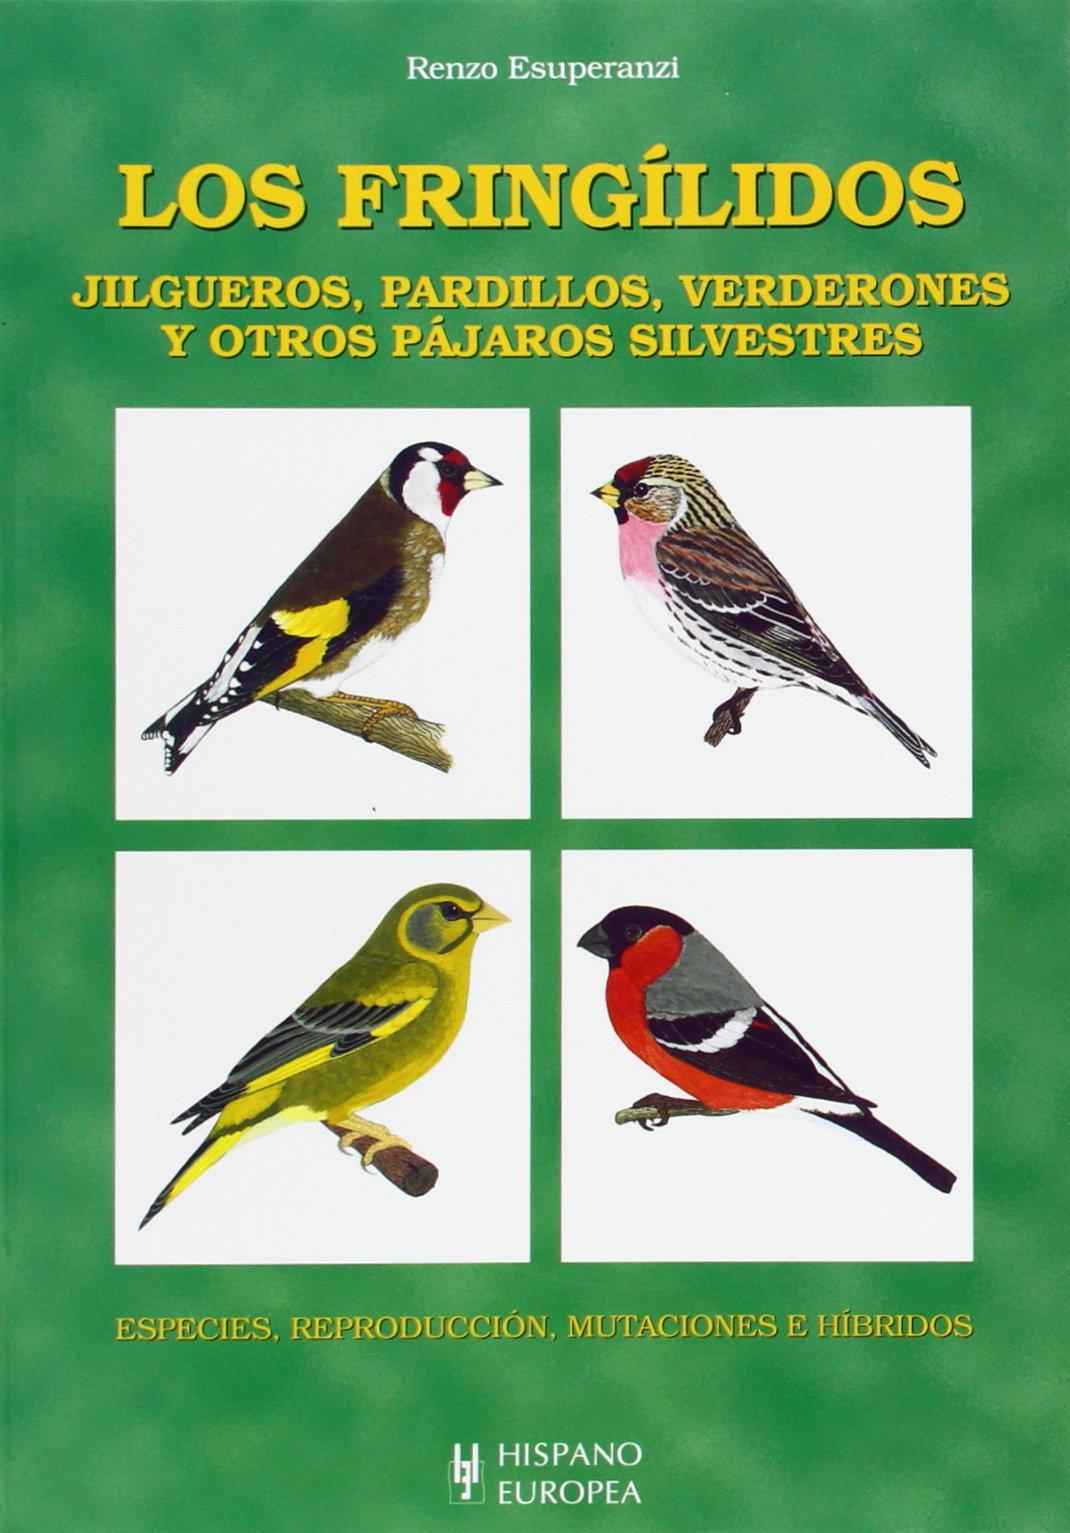 Los fringílidos. Jilgueros, pardillos, verderones y otros pájaros silvestres: Amazon.es: Esuperanzi, Renzo: Libros